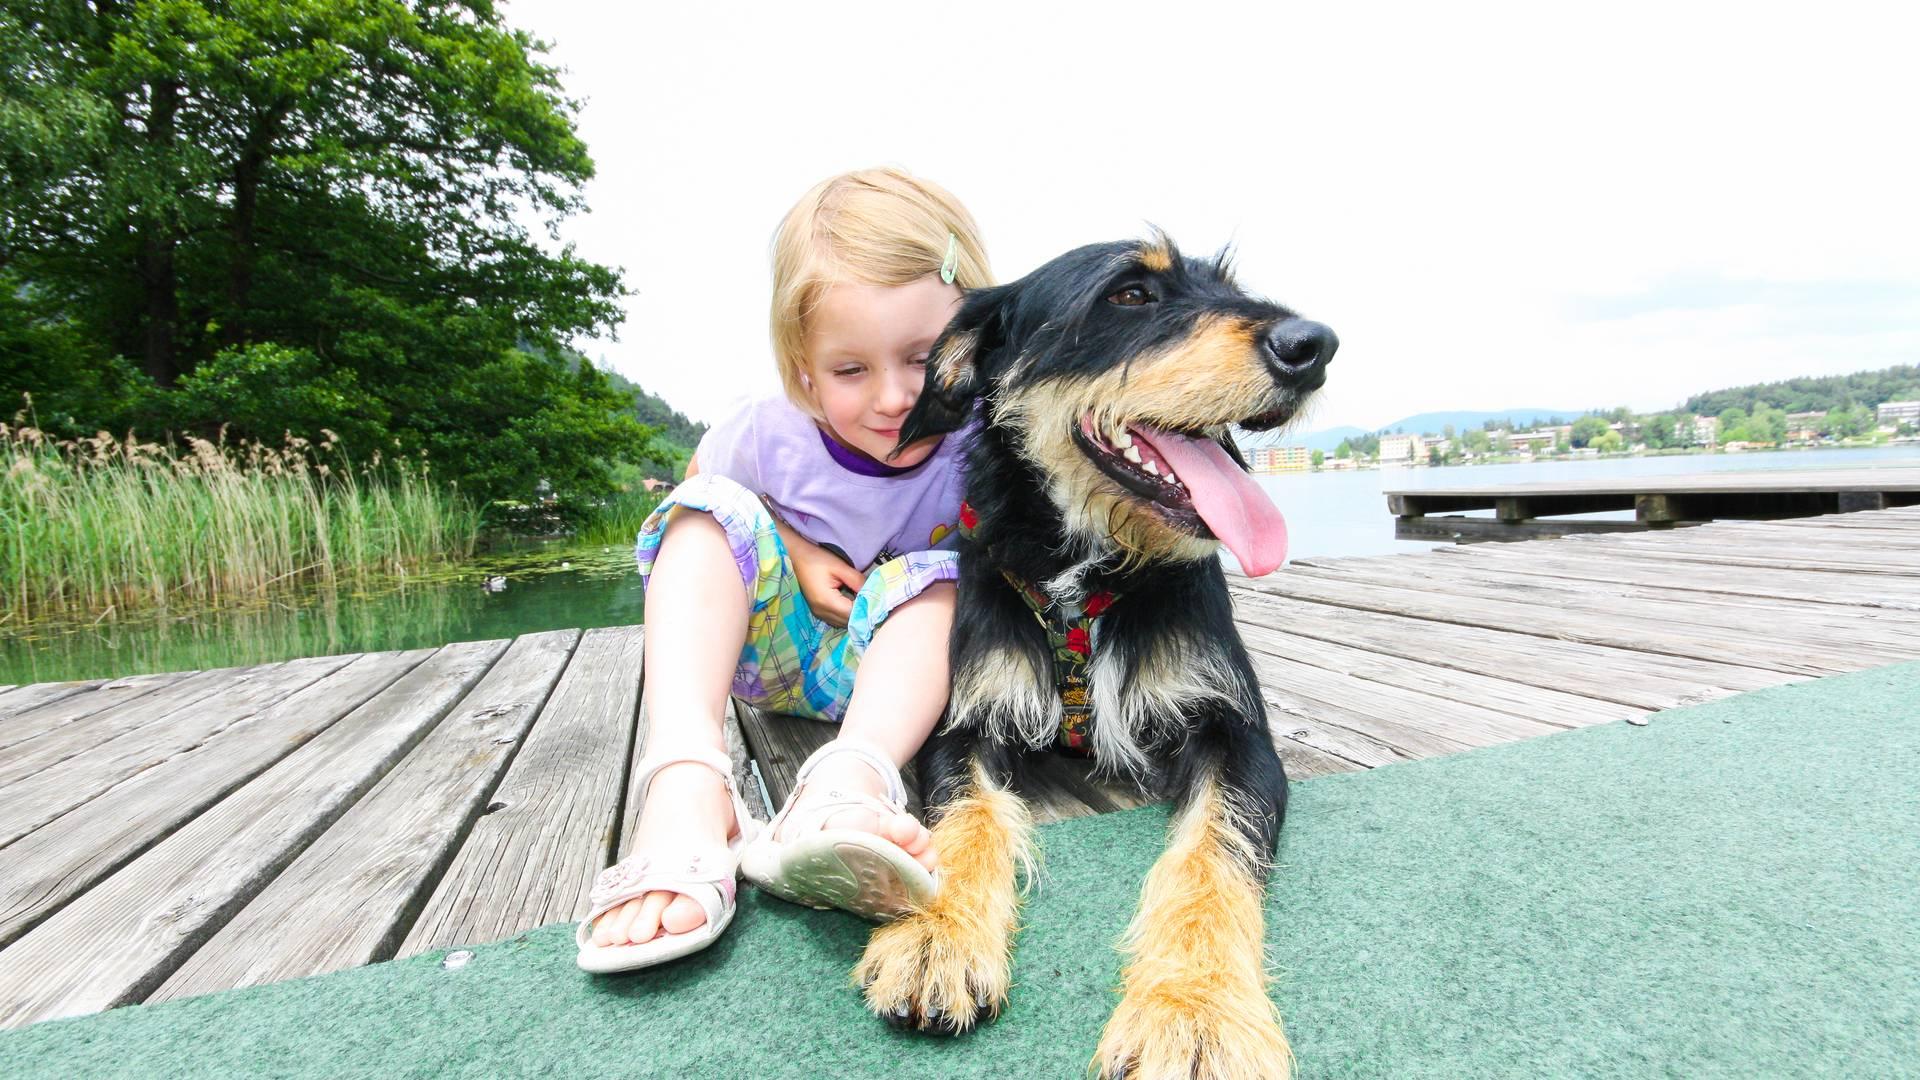 Beste Freunde – Mädchen mit Hund am Badesteg